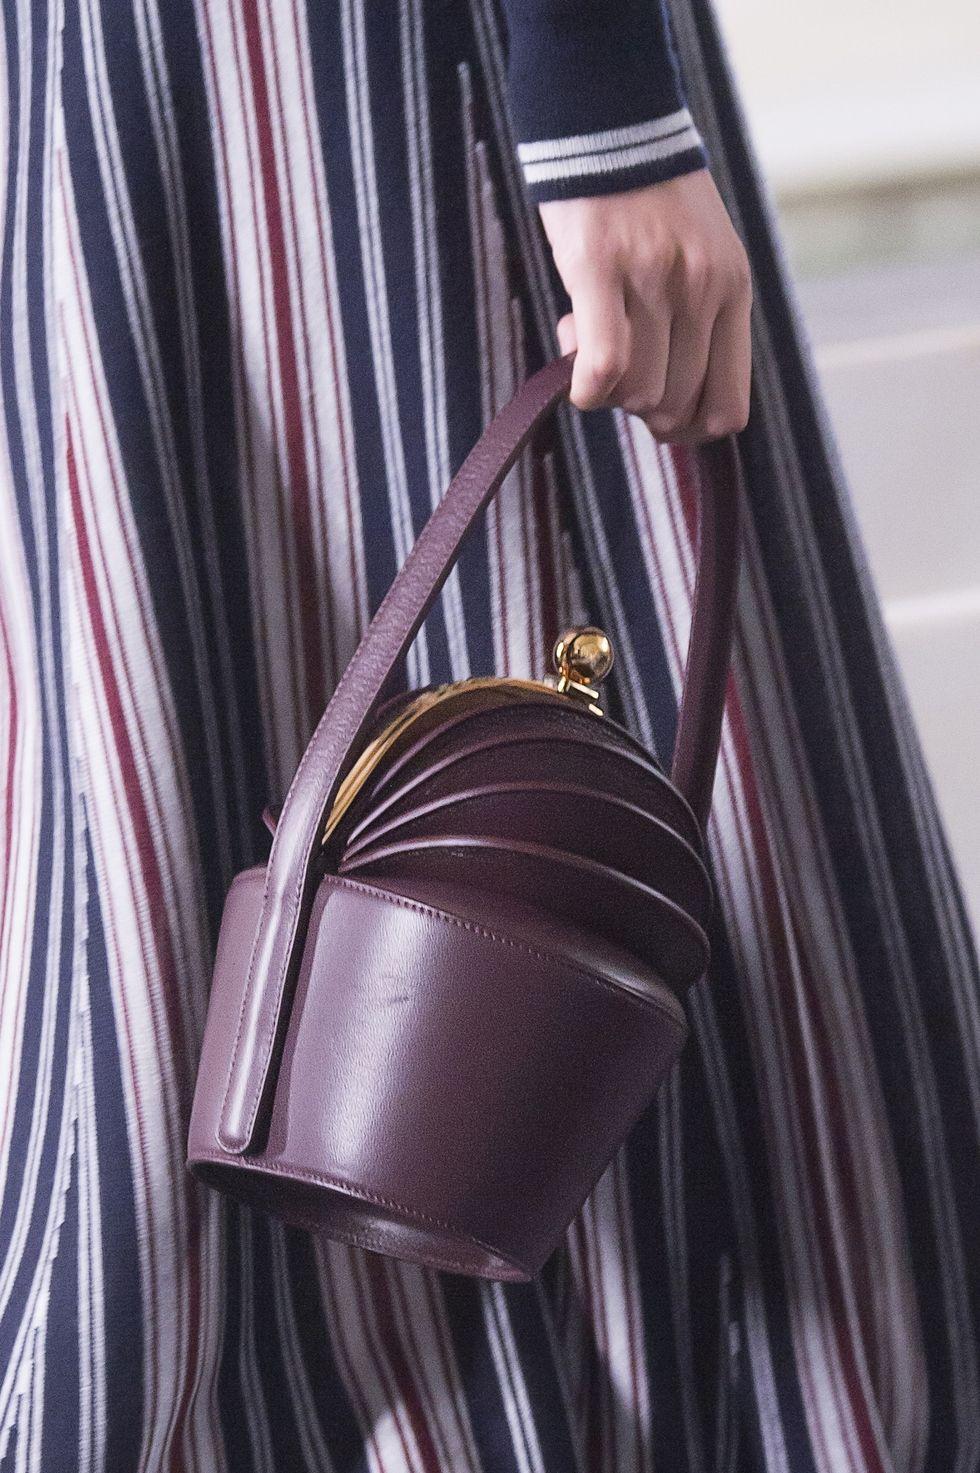 Сумка самого модного цвета 2018-го года - ультрафиолет - в весенне-летней коллекции Gabriela Hearst